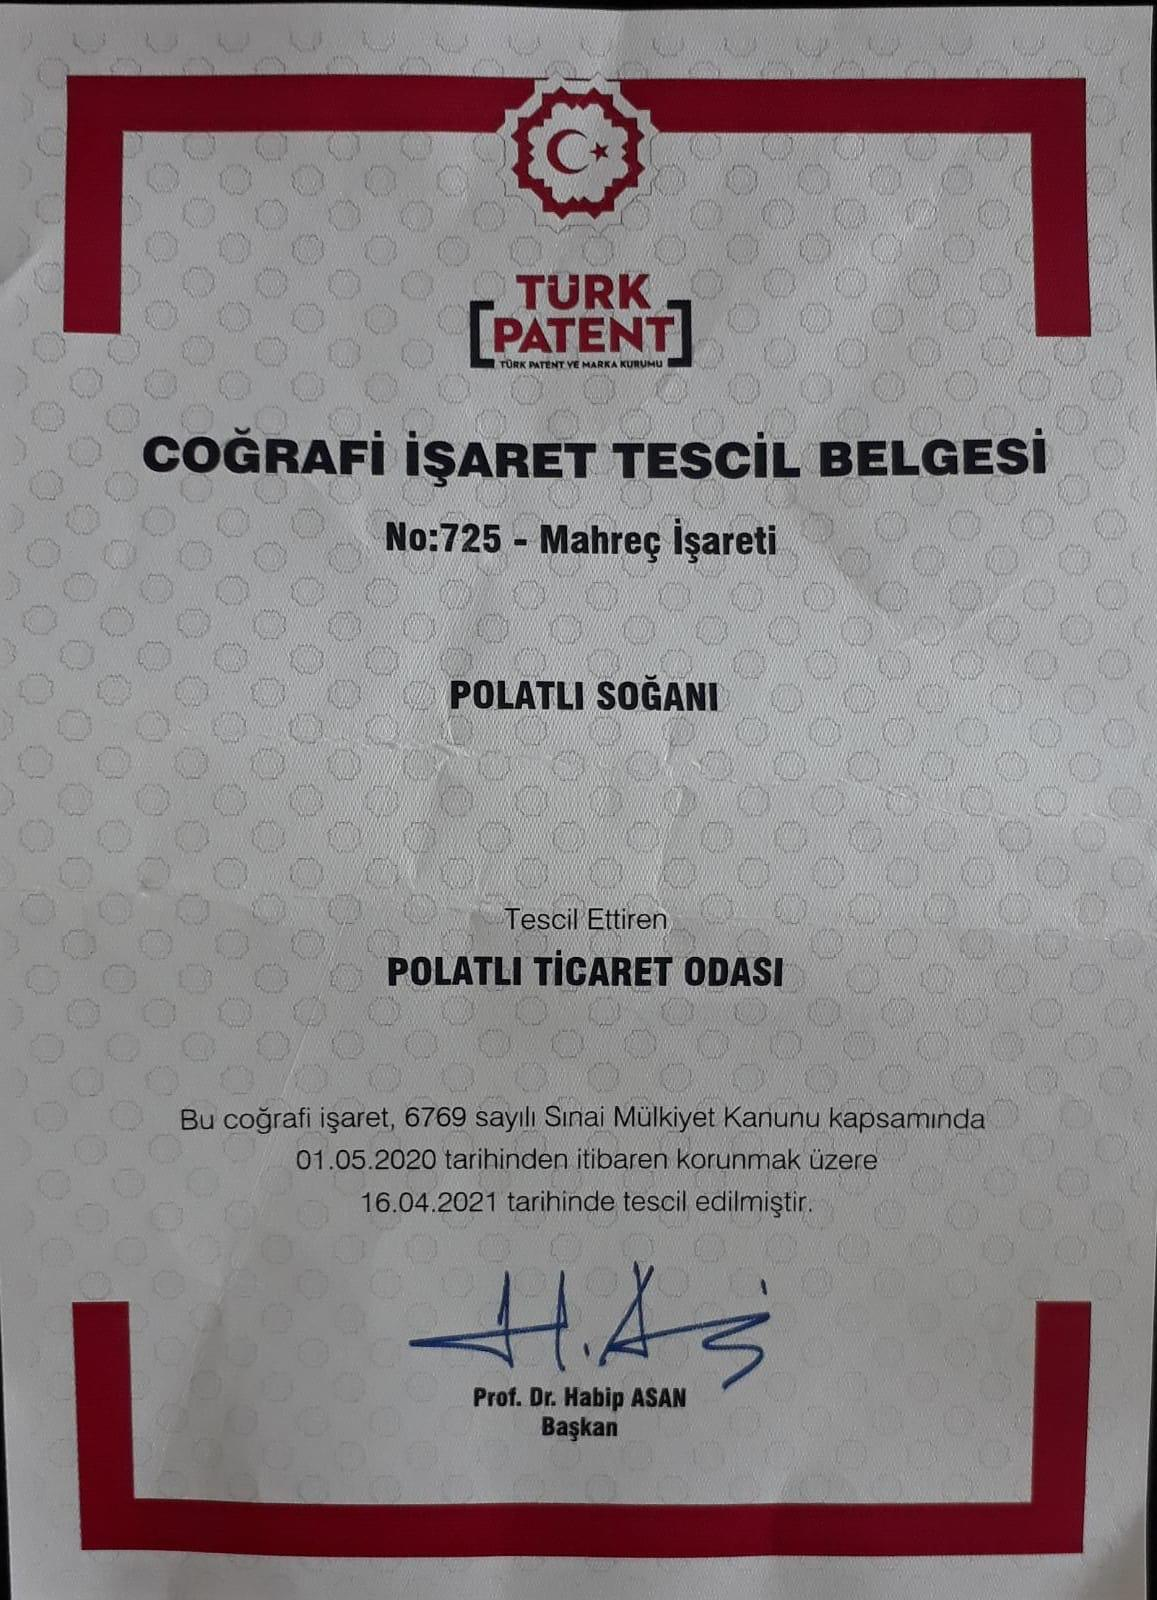 POLATLI SOĞANININ TESCİL BELGESİ TİCARET ODASI'NDA